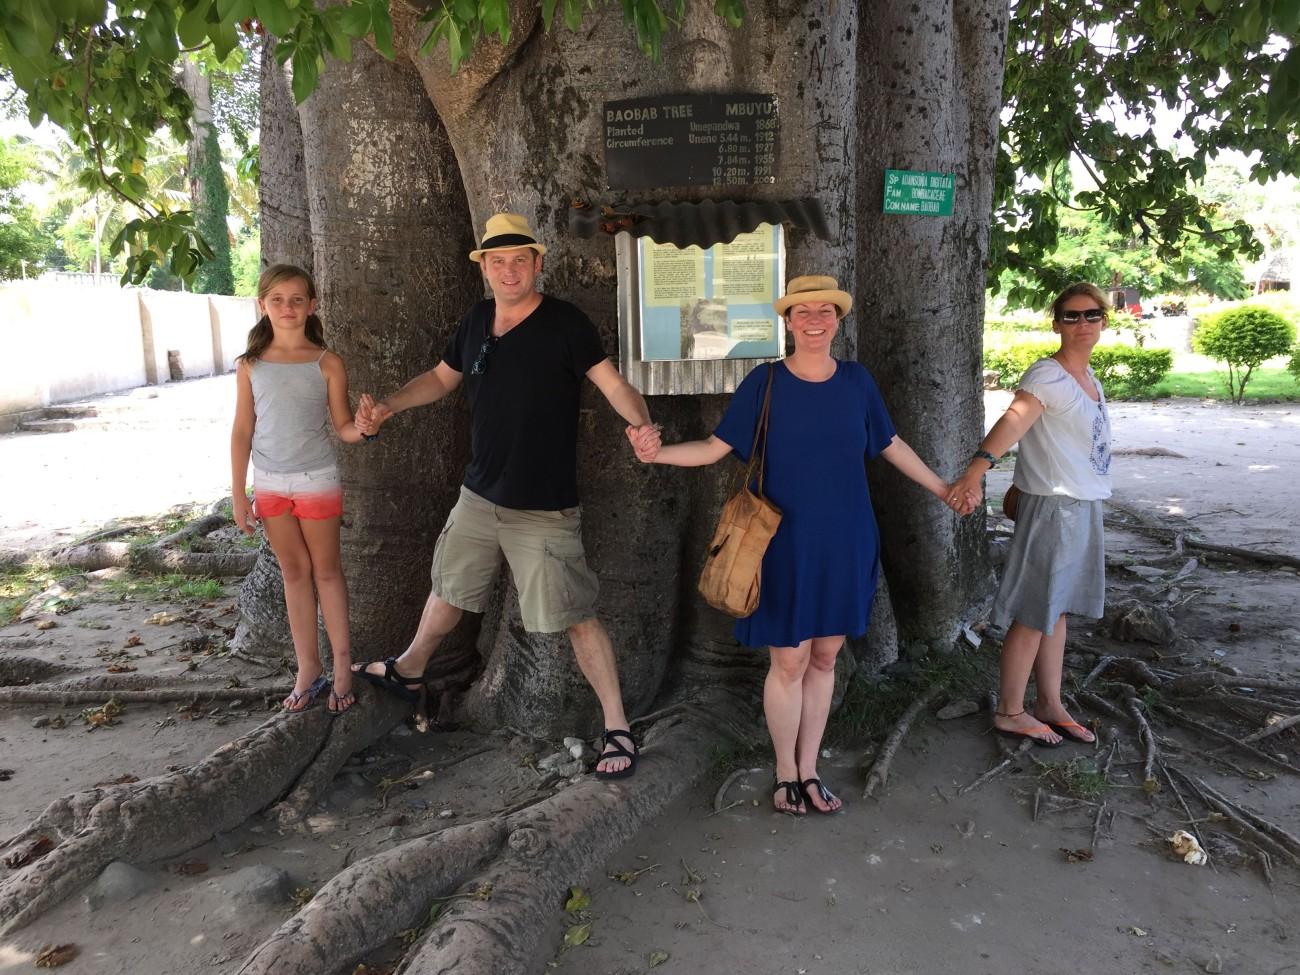 Ein mächtiger Baobab spendet dem Anwesen Schatten